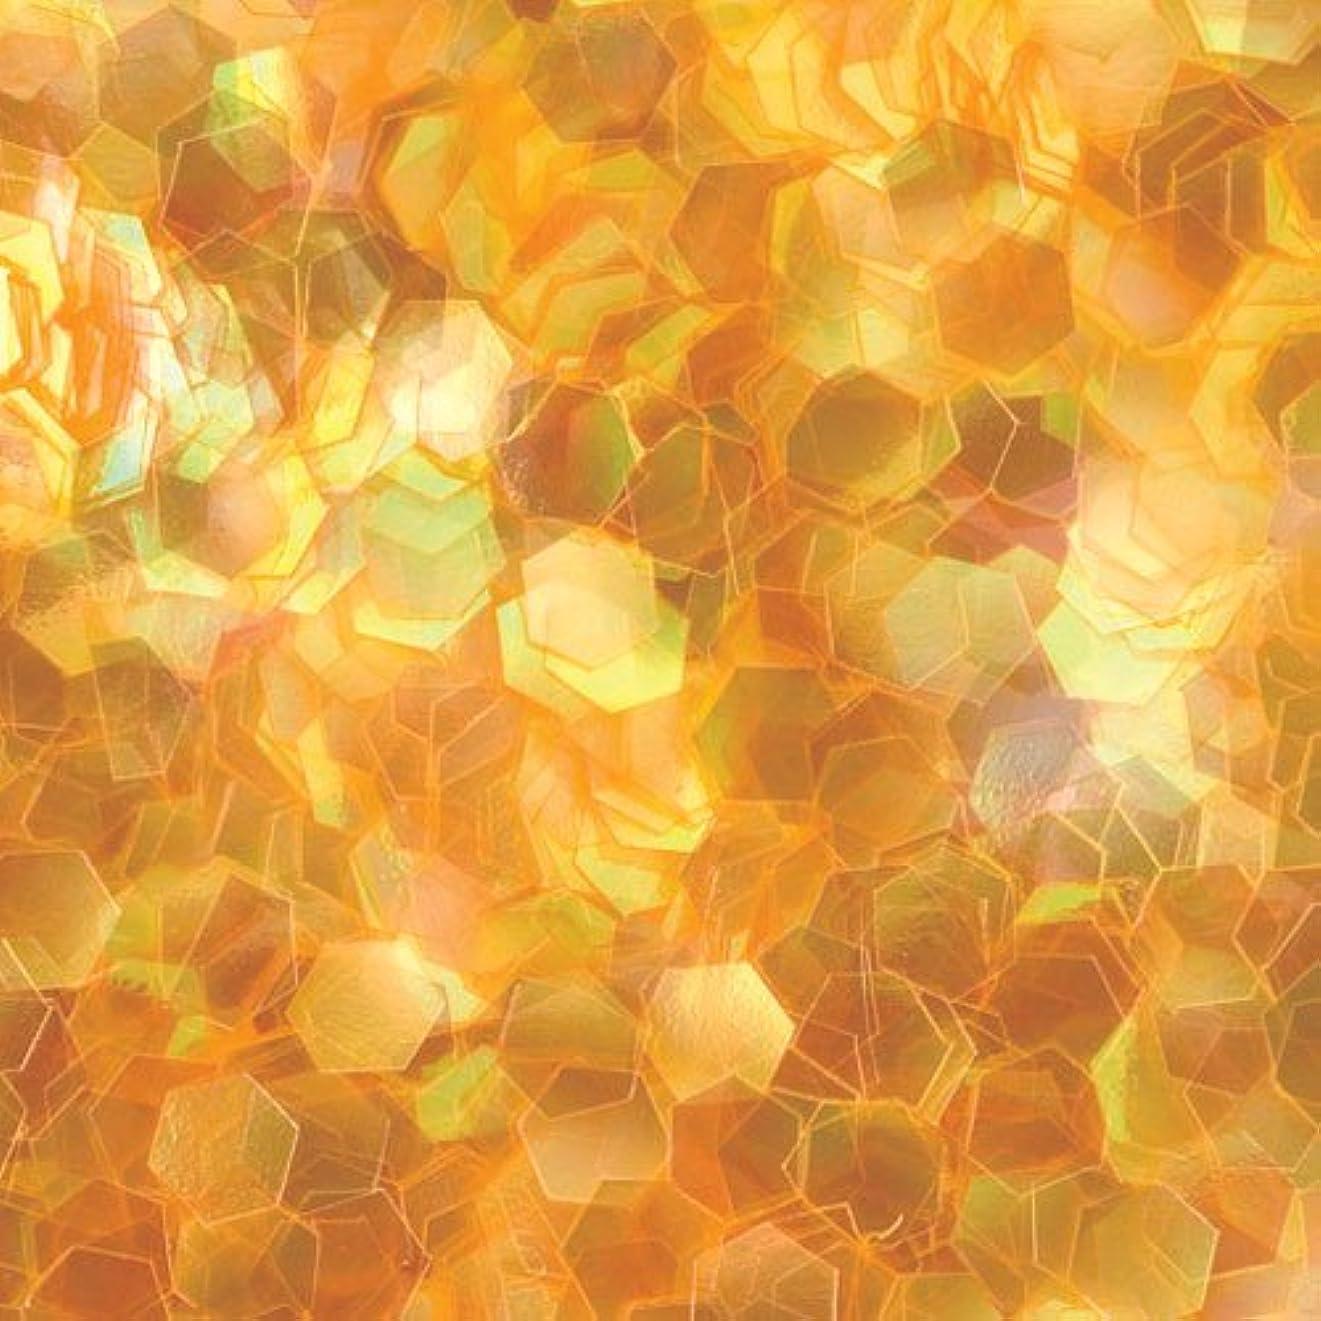 期限切れ平等石鹸ピカエース ネイル用パウダー 六角オーロラG 1mm #302 オレンジ 0.5g